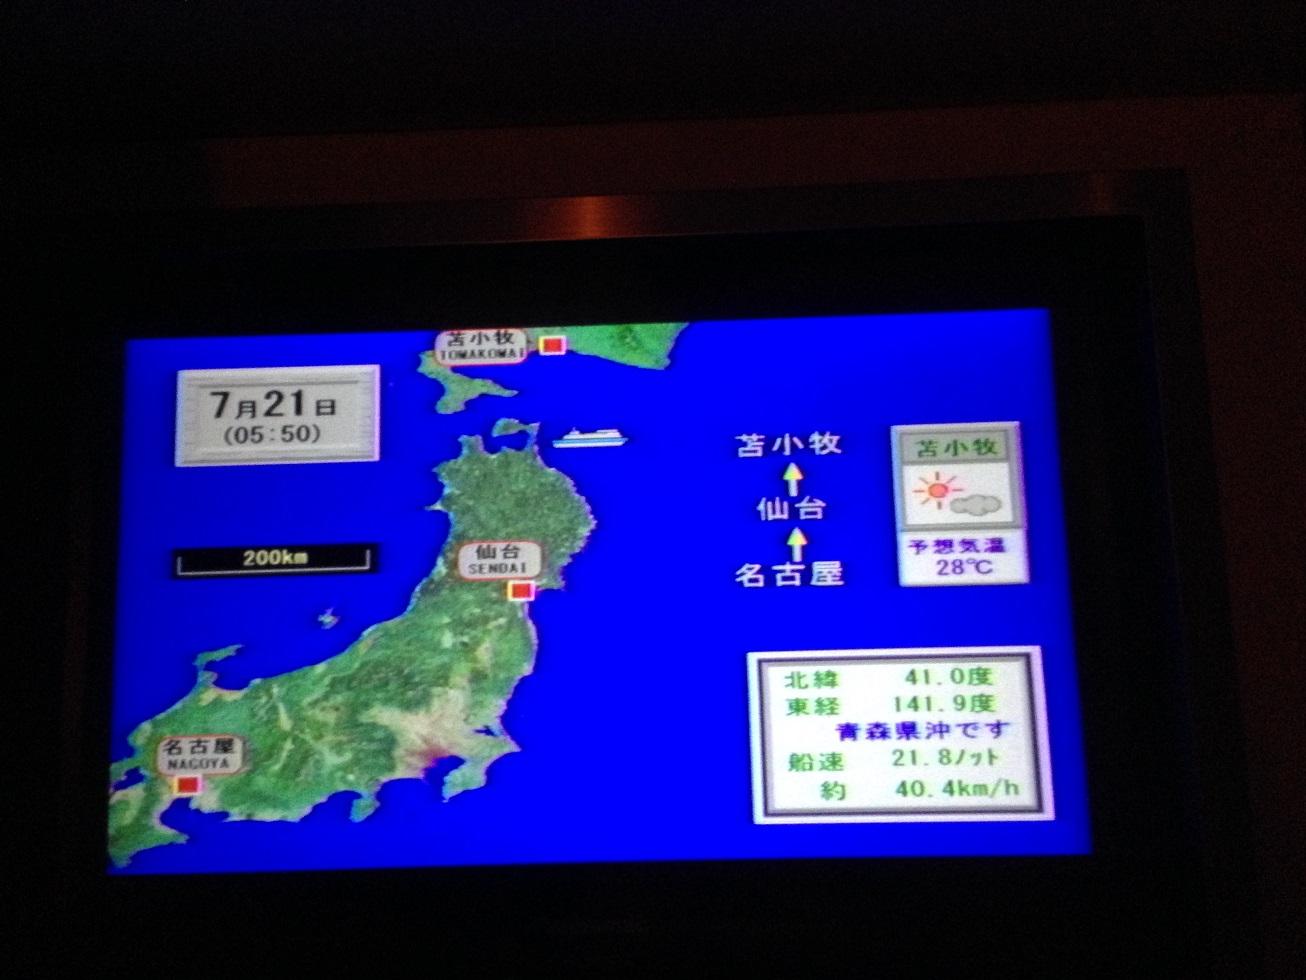 2014 北海道 HOKKAIDER~2 - 夫婦ぅタンデムツー_c0261447_23164915.jpg